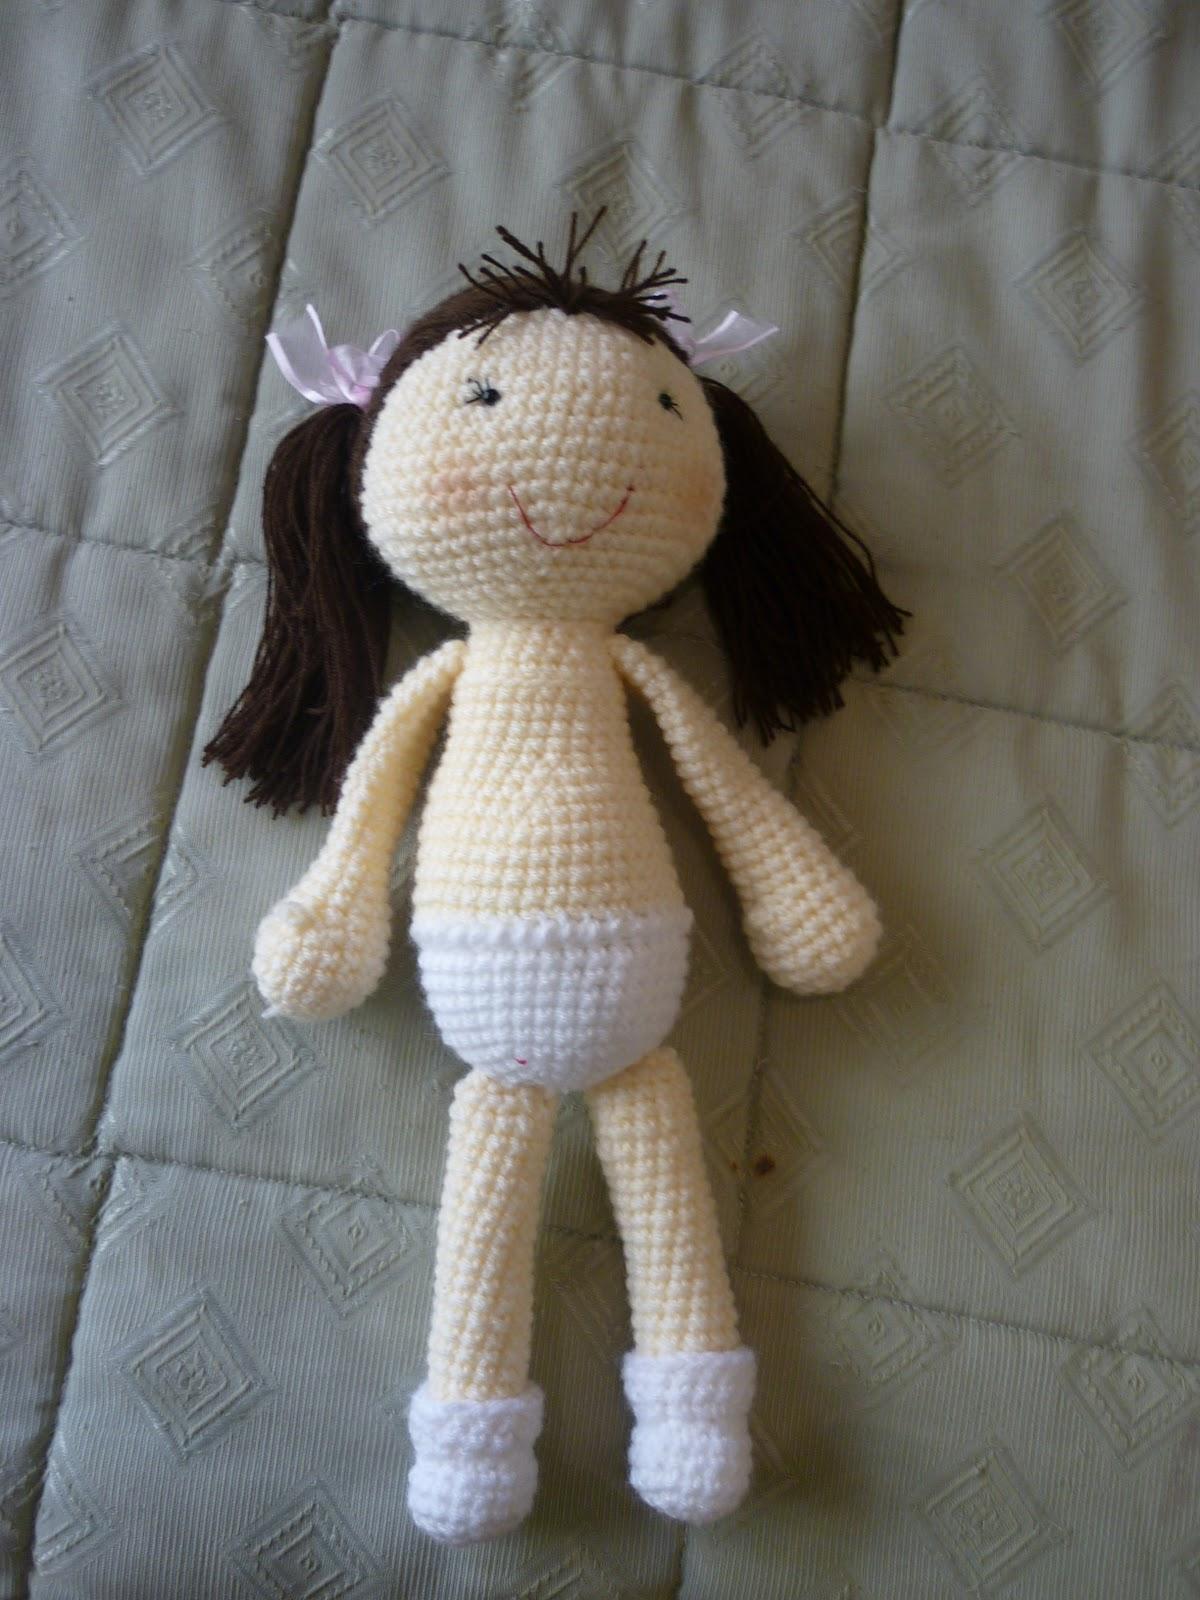 Tutorial Muneca Amigurumi : Tejiendo Suenos: Muneca base amigurumi crochet + Patron